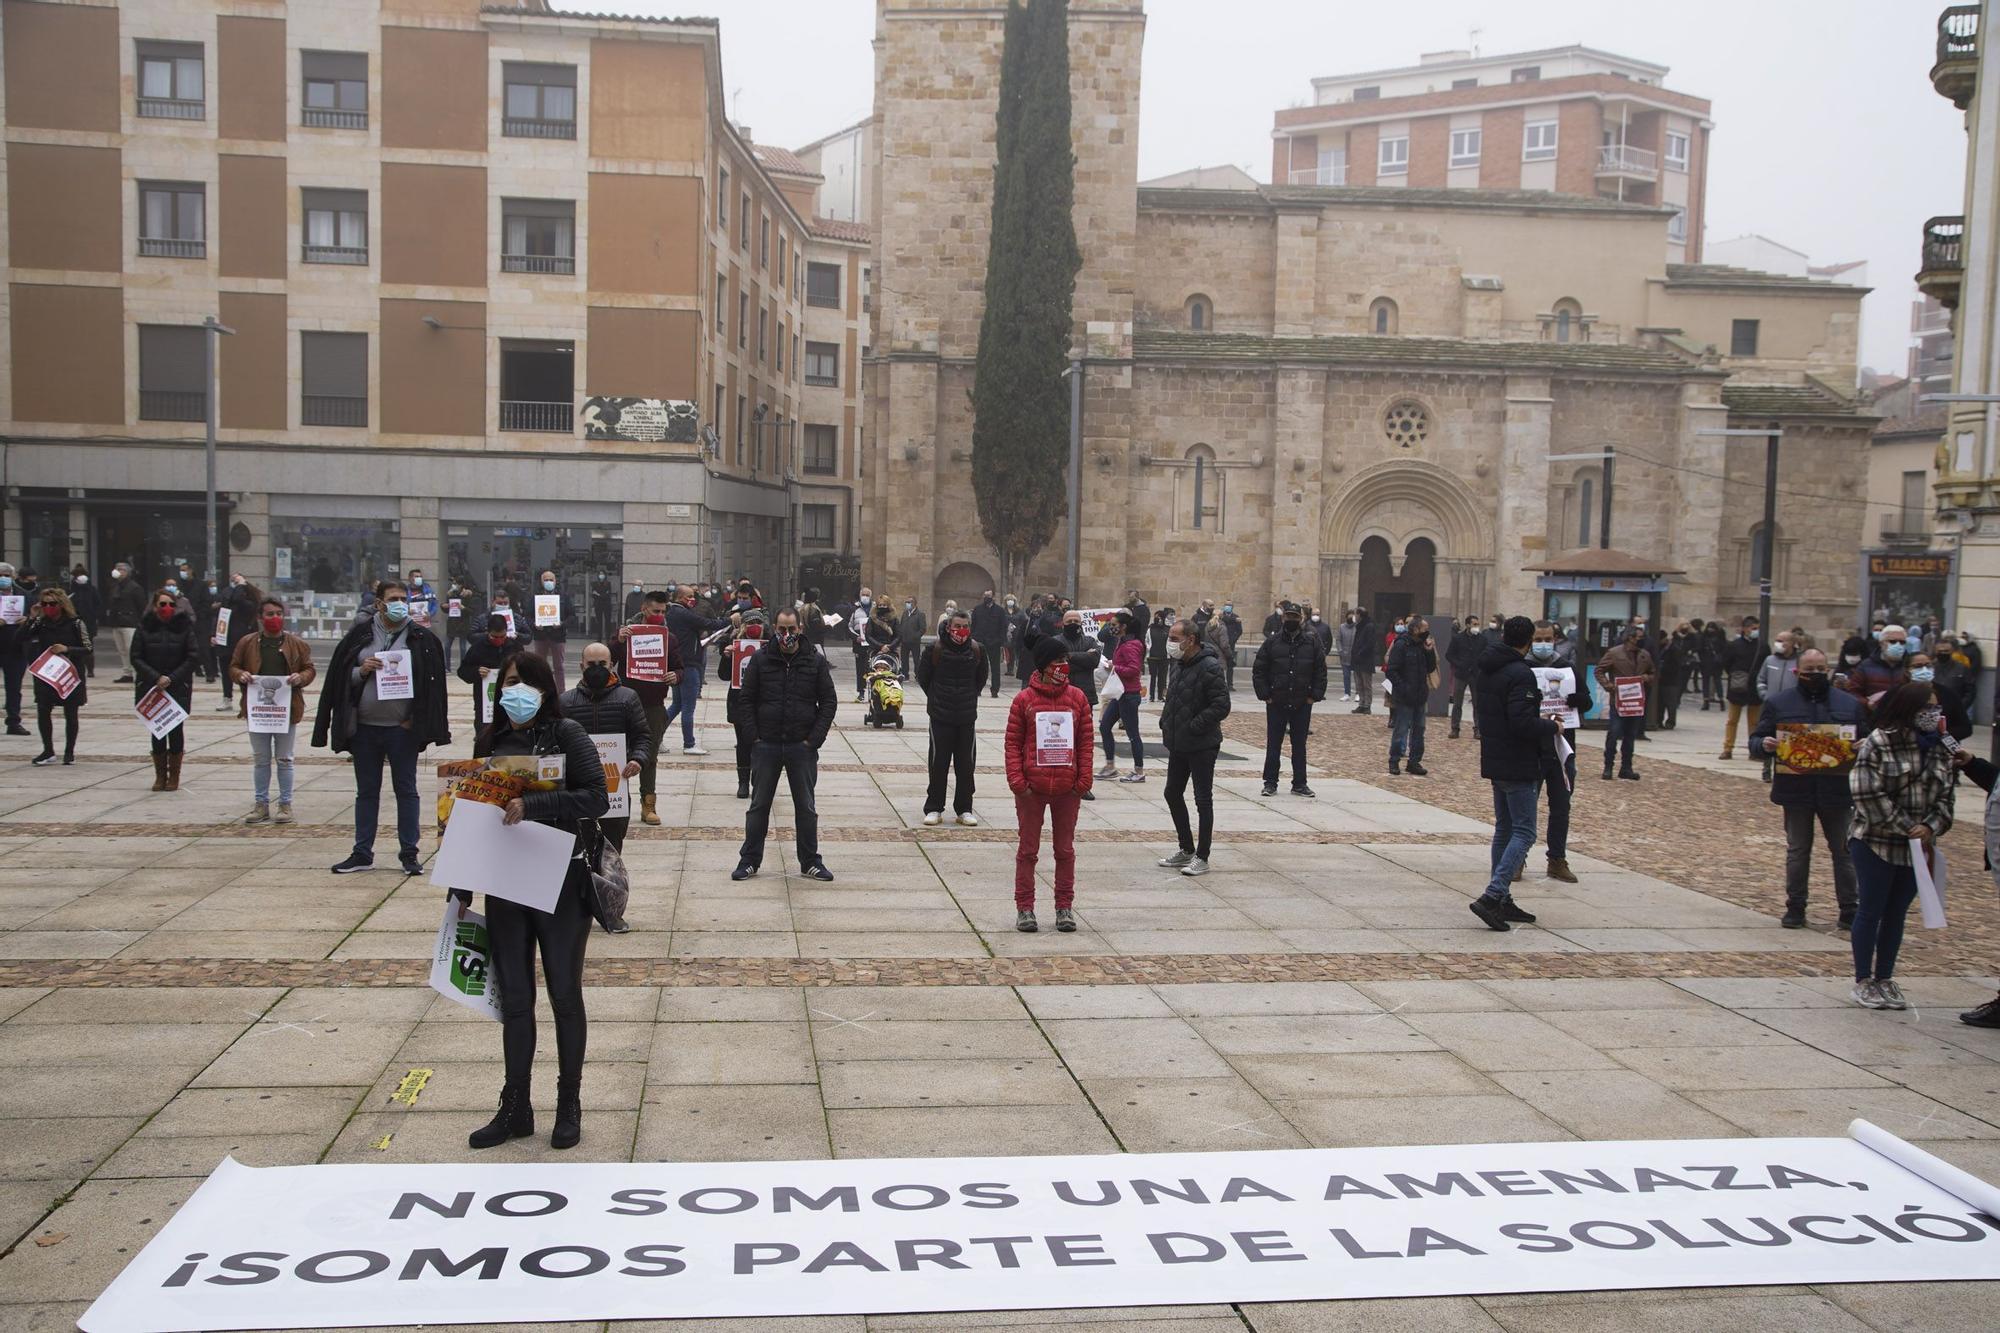 GALERÍA | La concentración de la hostelería en Zamora, en imágenes.